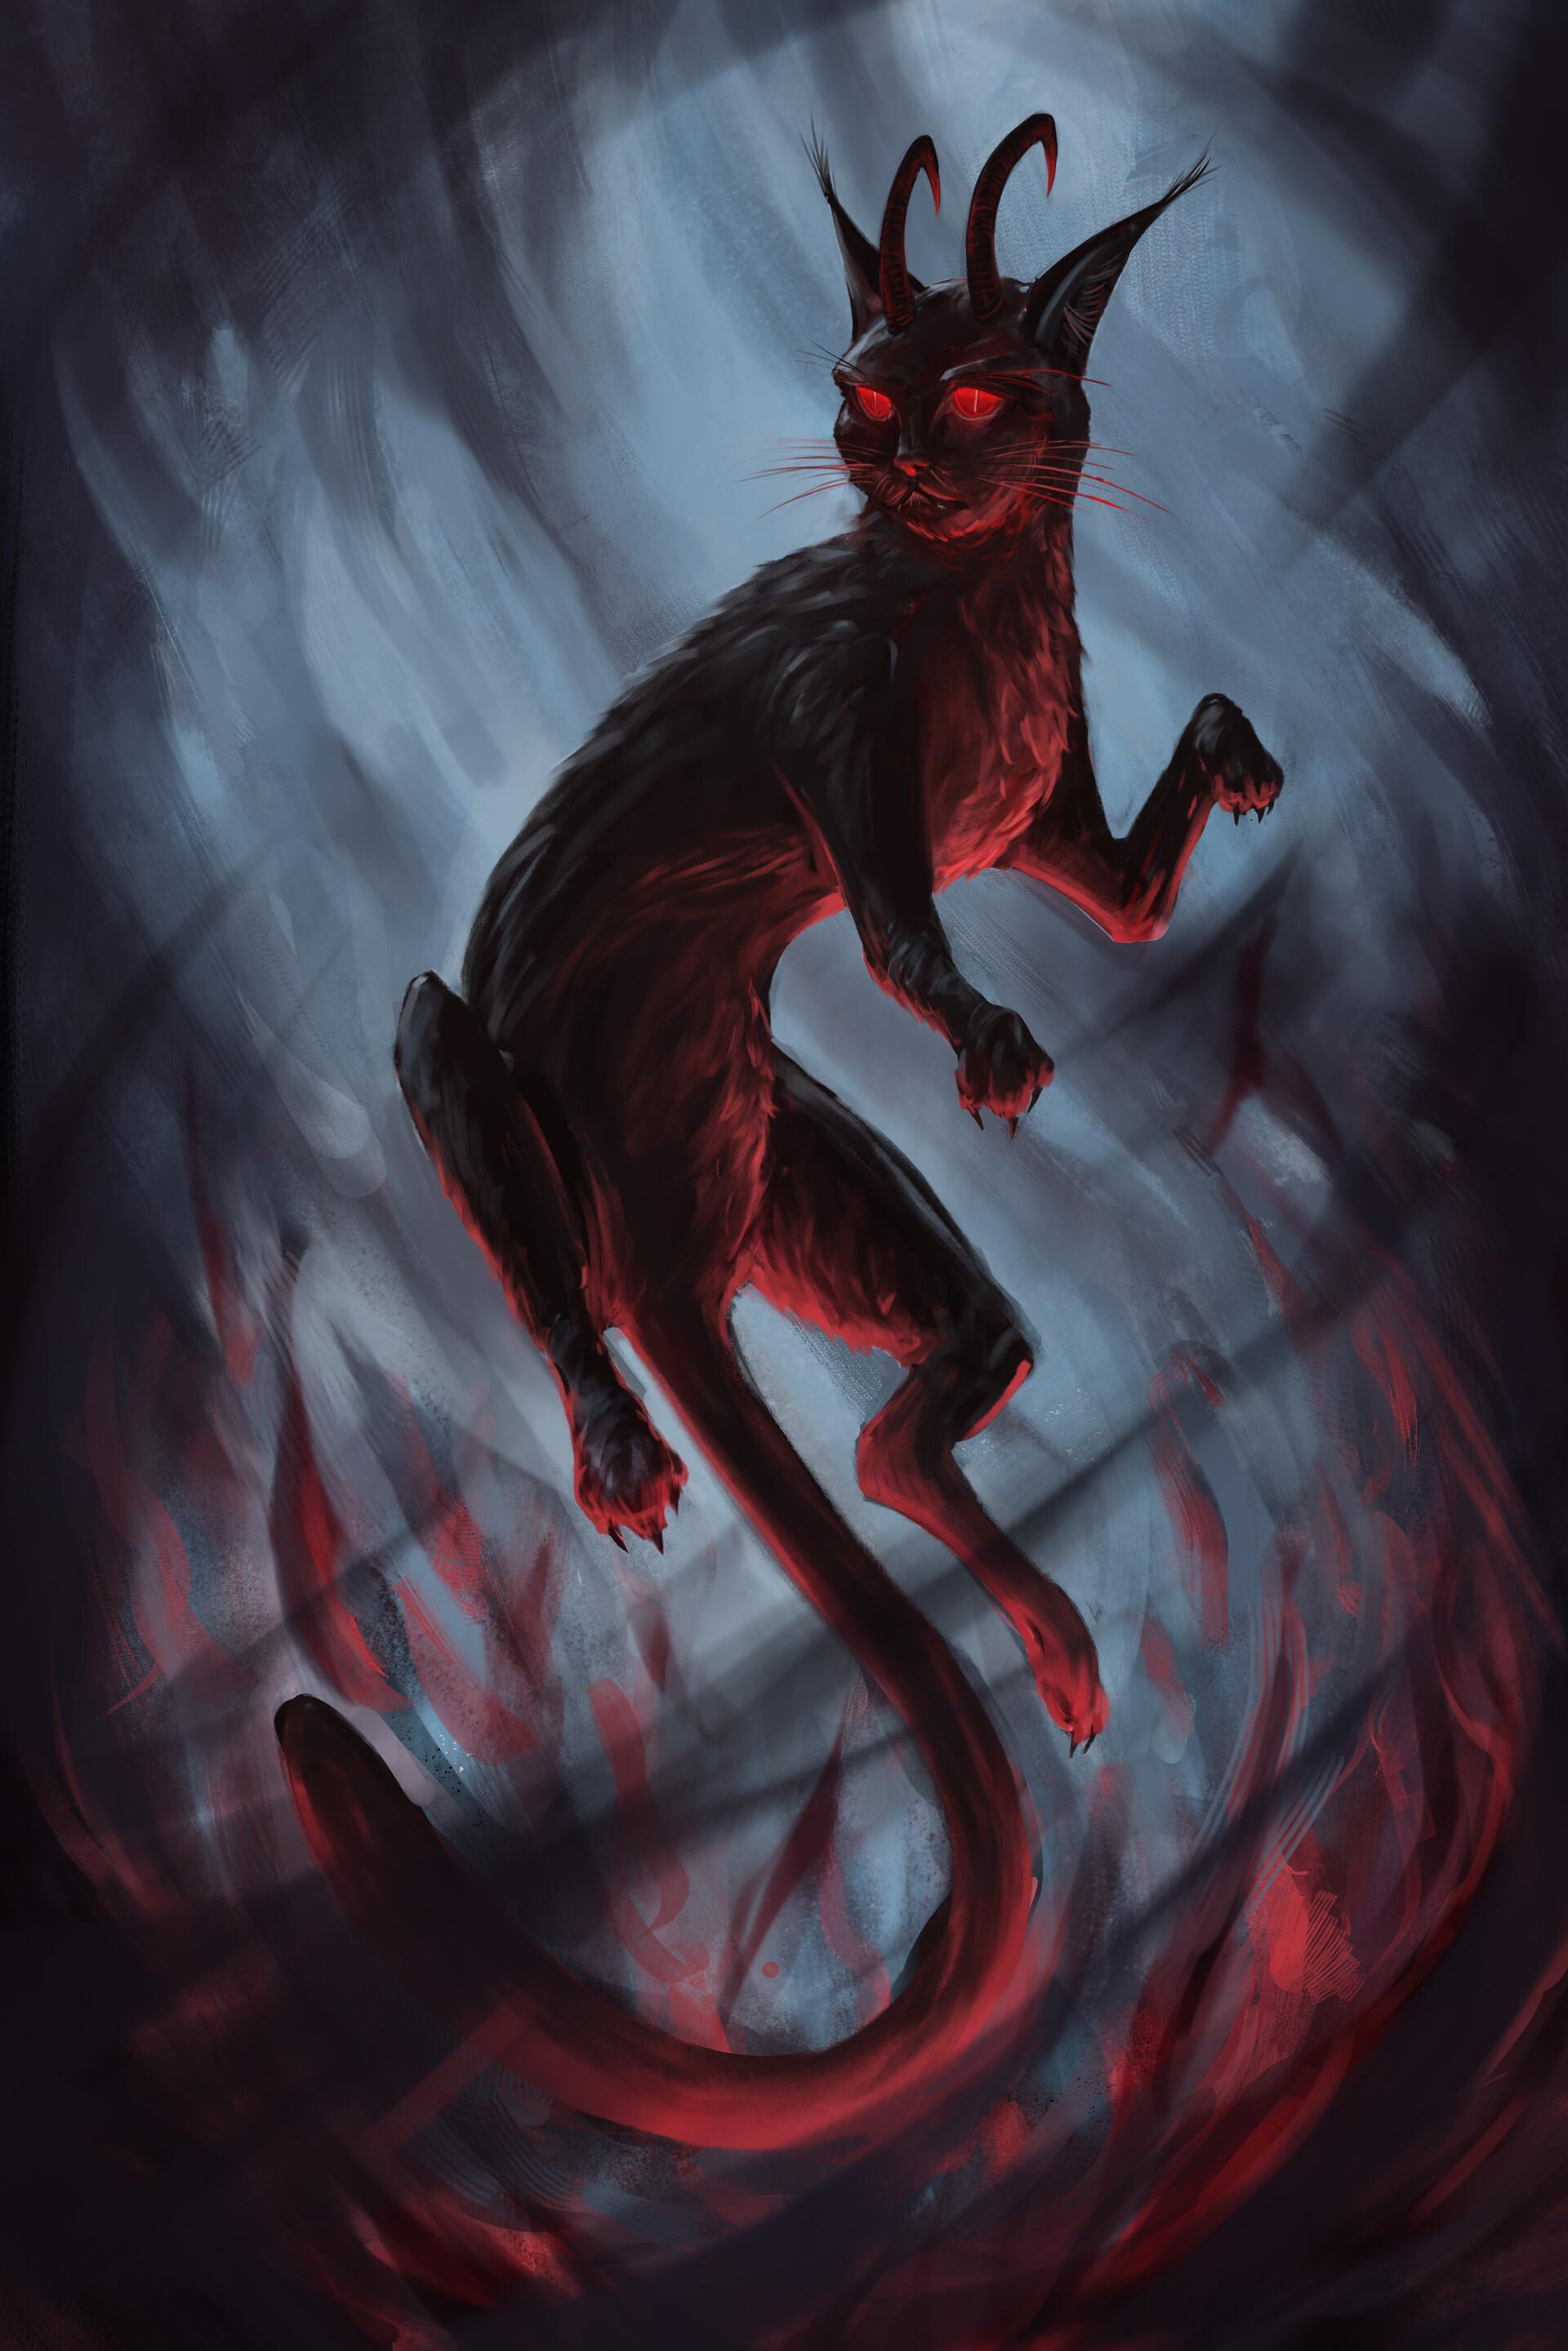 картинки монстров кошечек поджелудочной